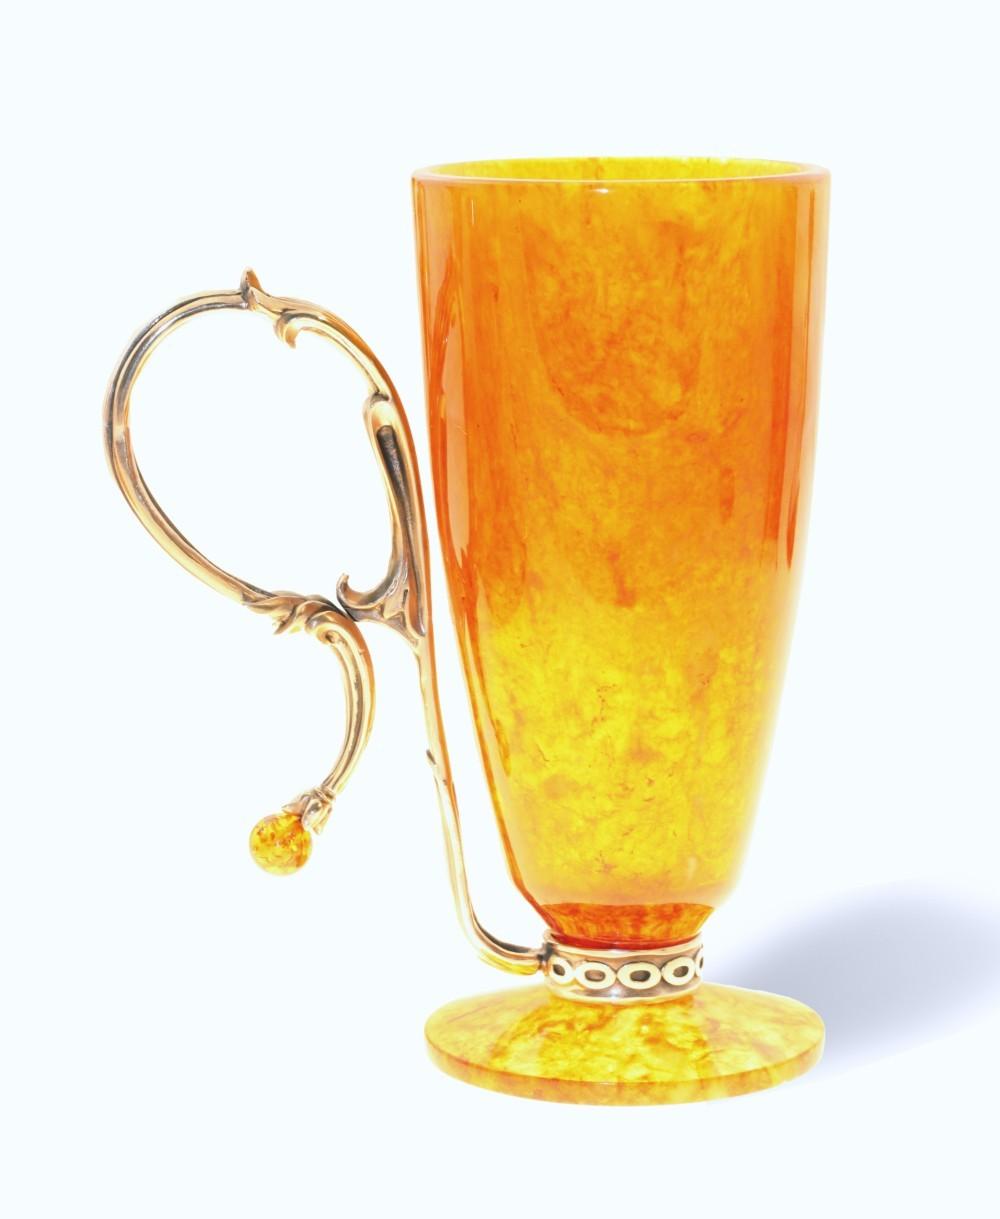 Янтарный бокал для пунша от 15 030 руб